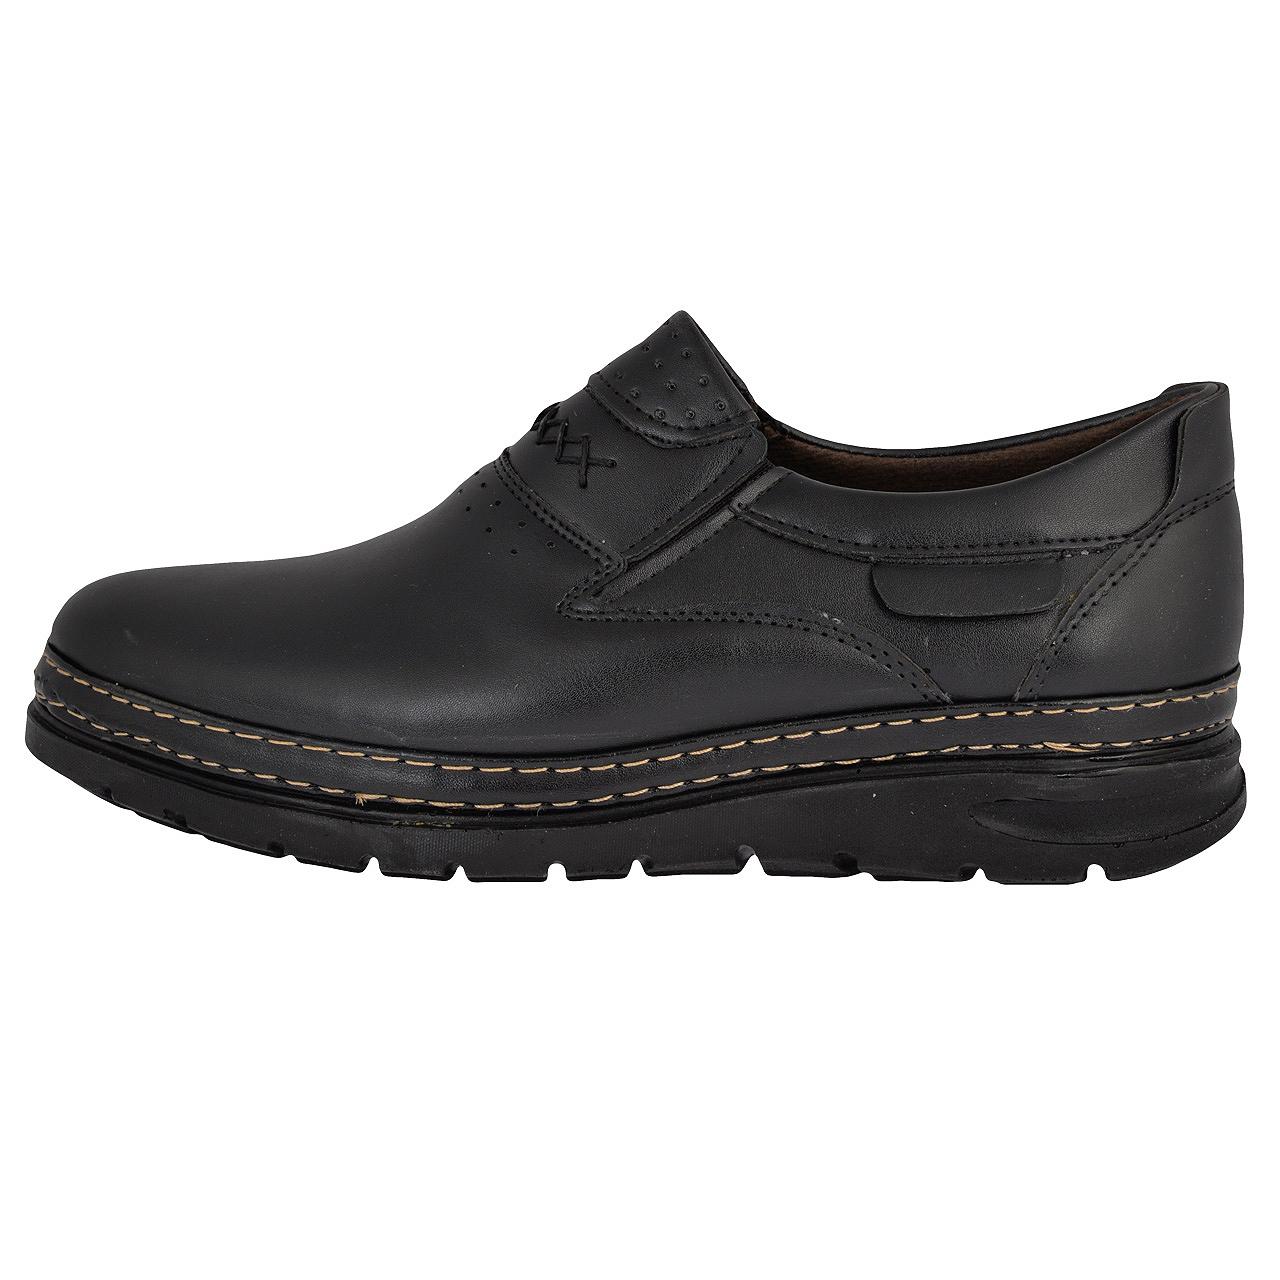 کفش روزمره مردانه کد 324006902